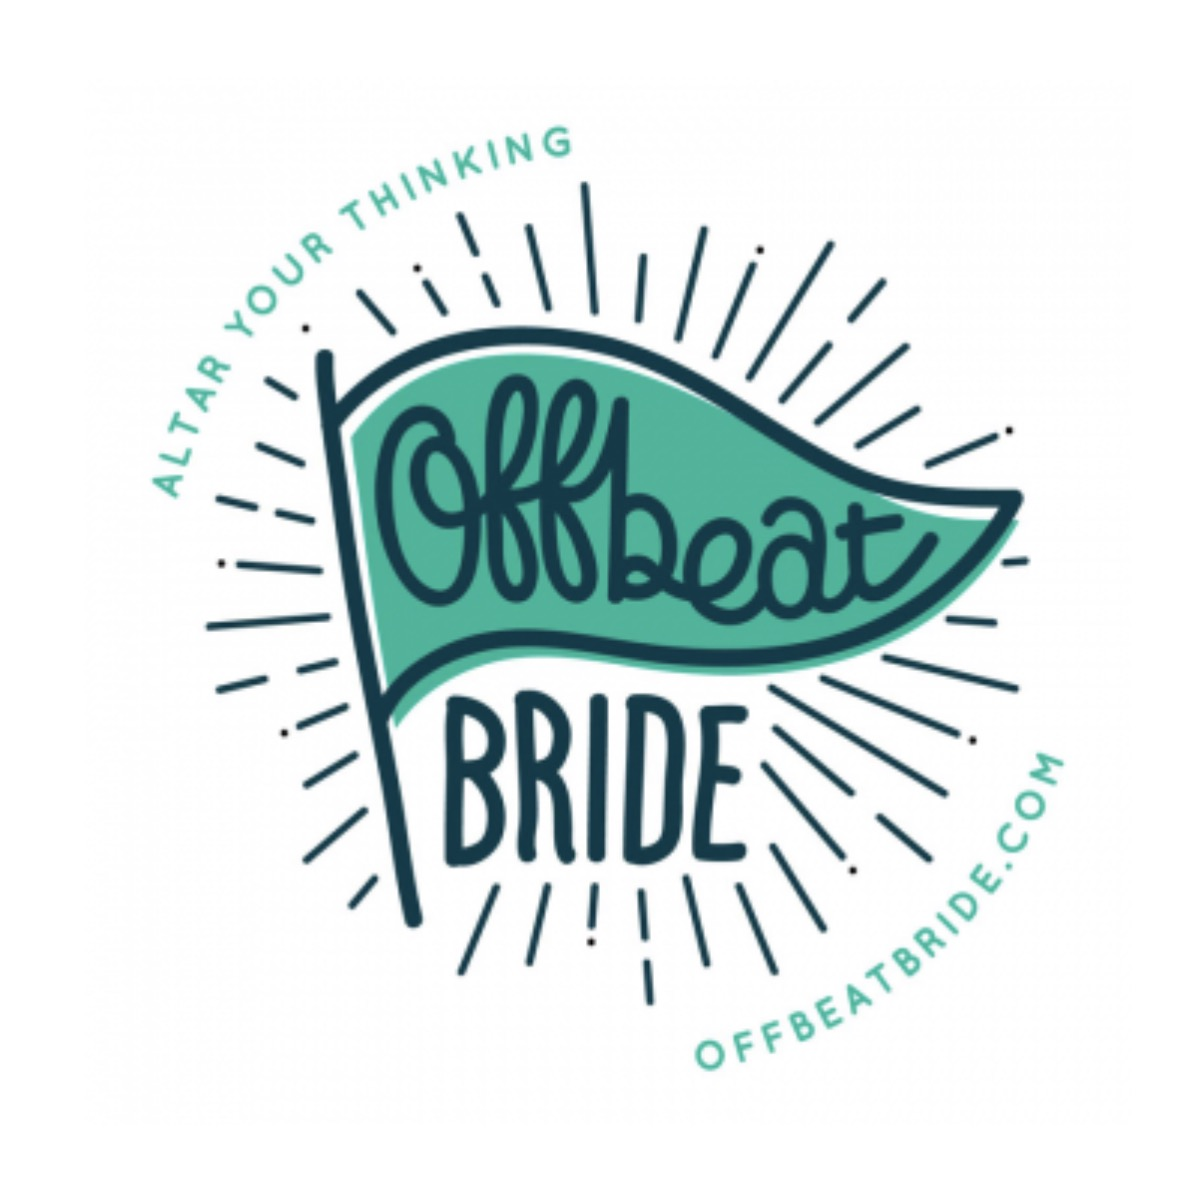 Offbeat Bride blog featured 11/9/2017